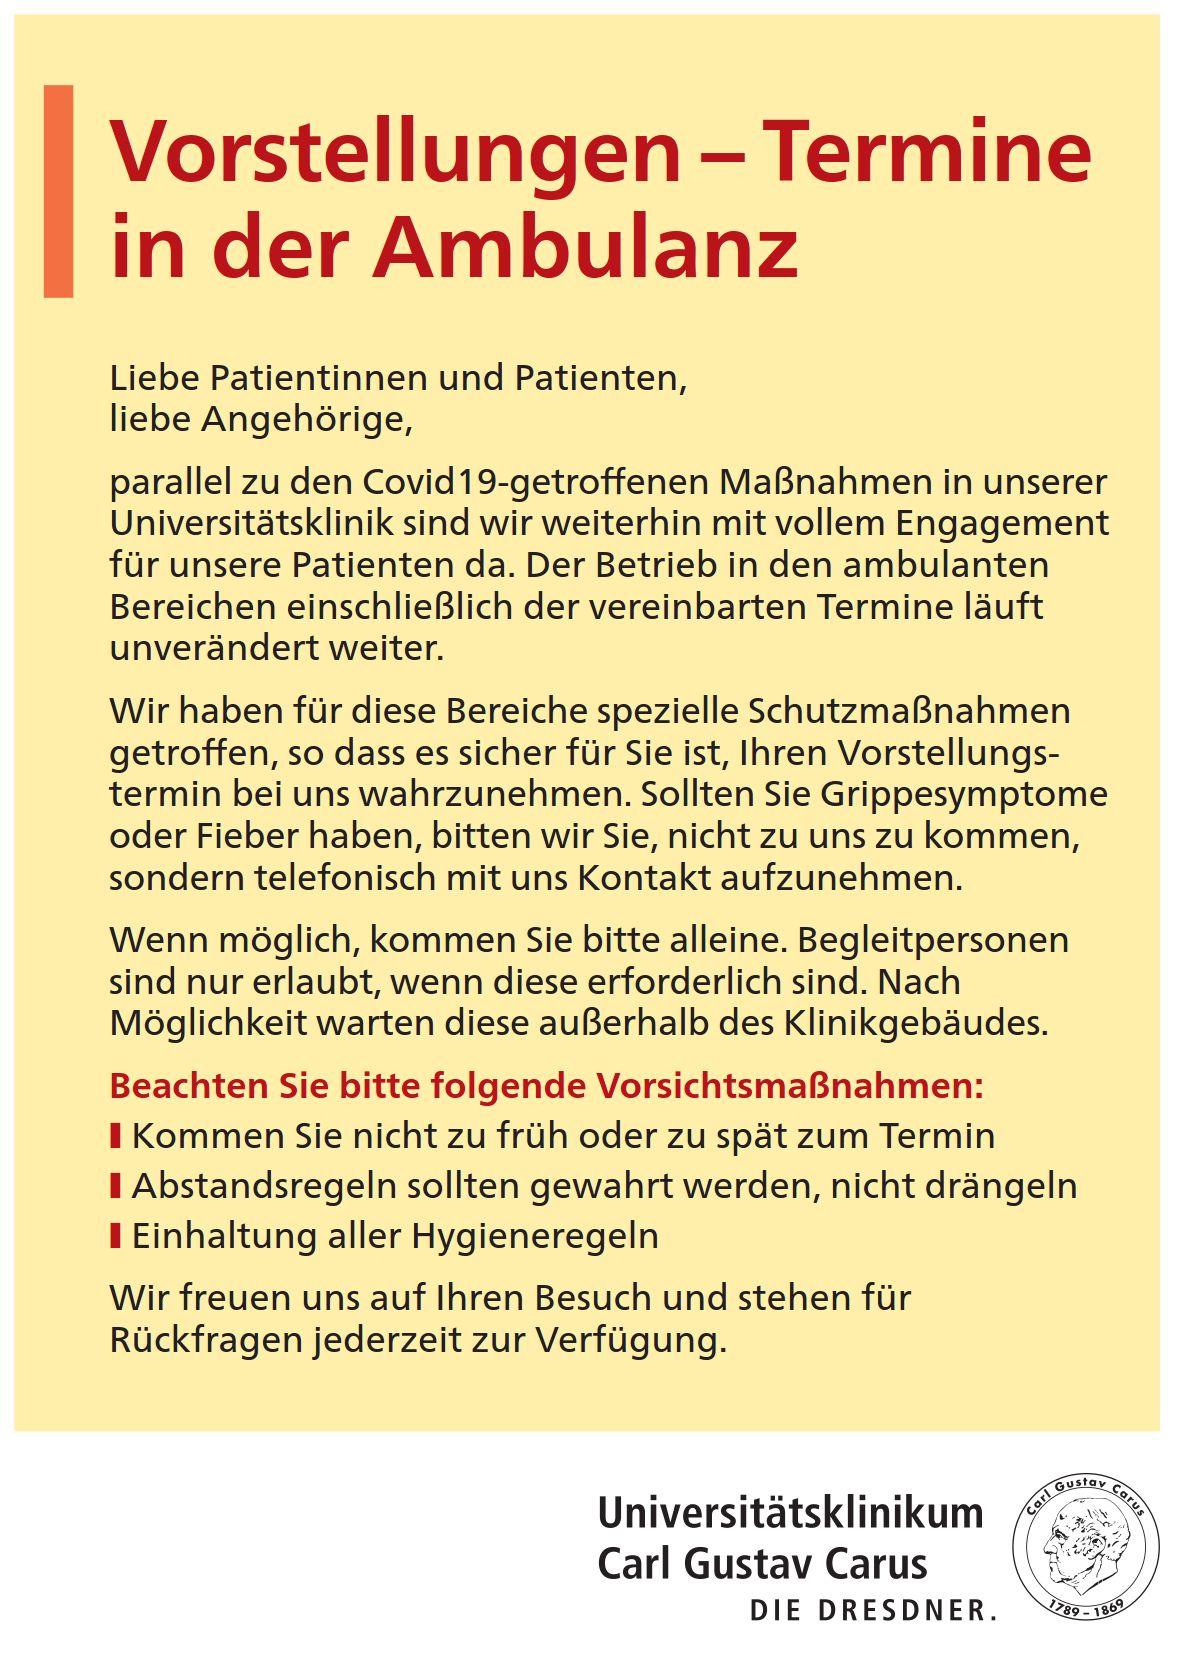 Ambulanzbetrieb unter Covid-19